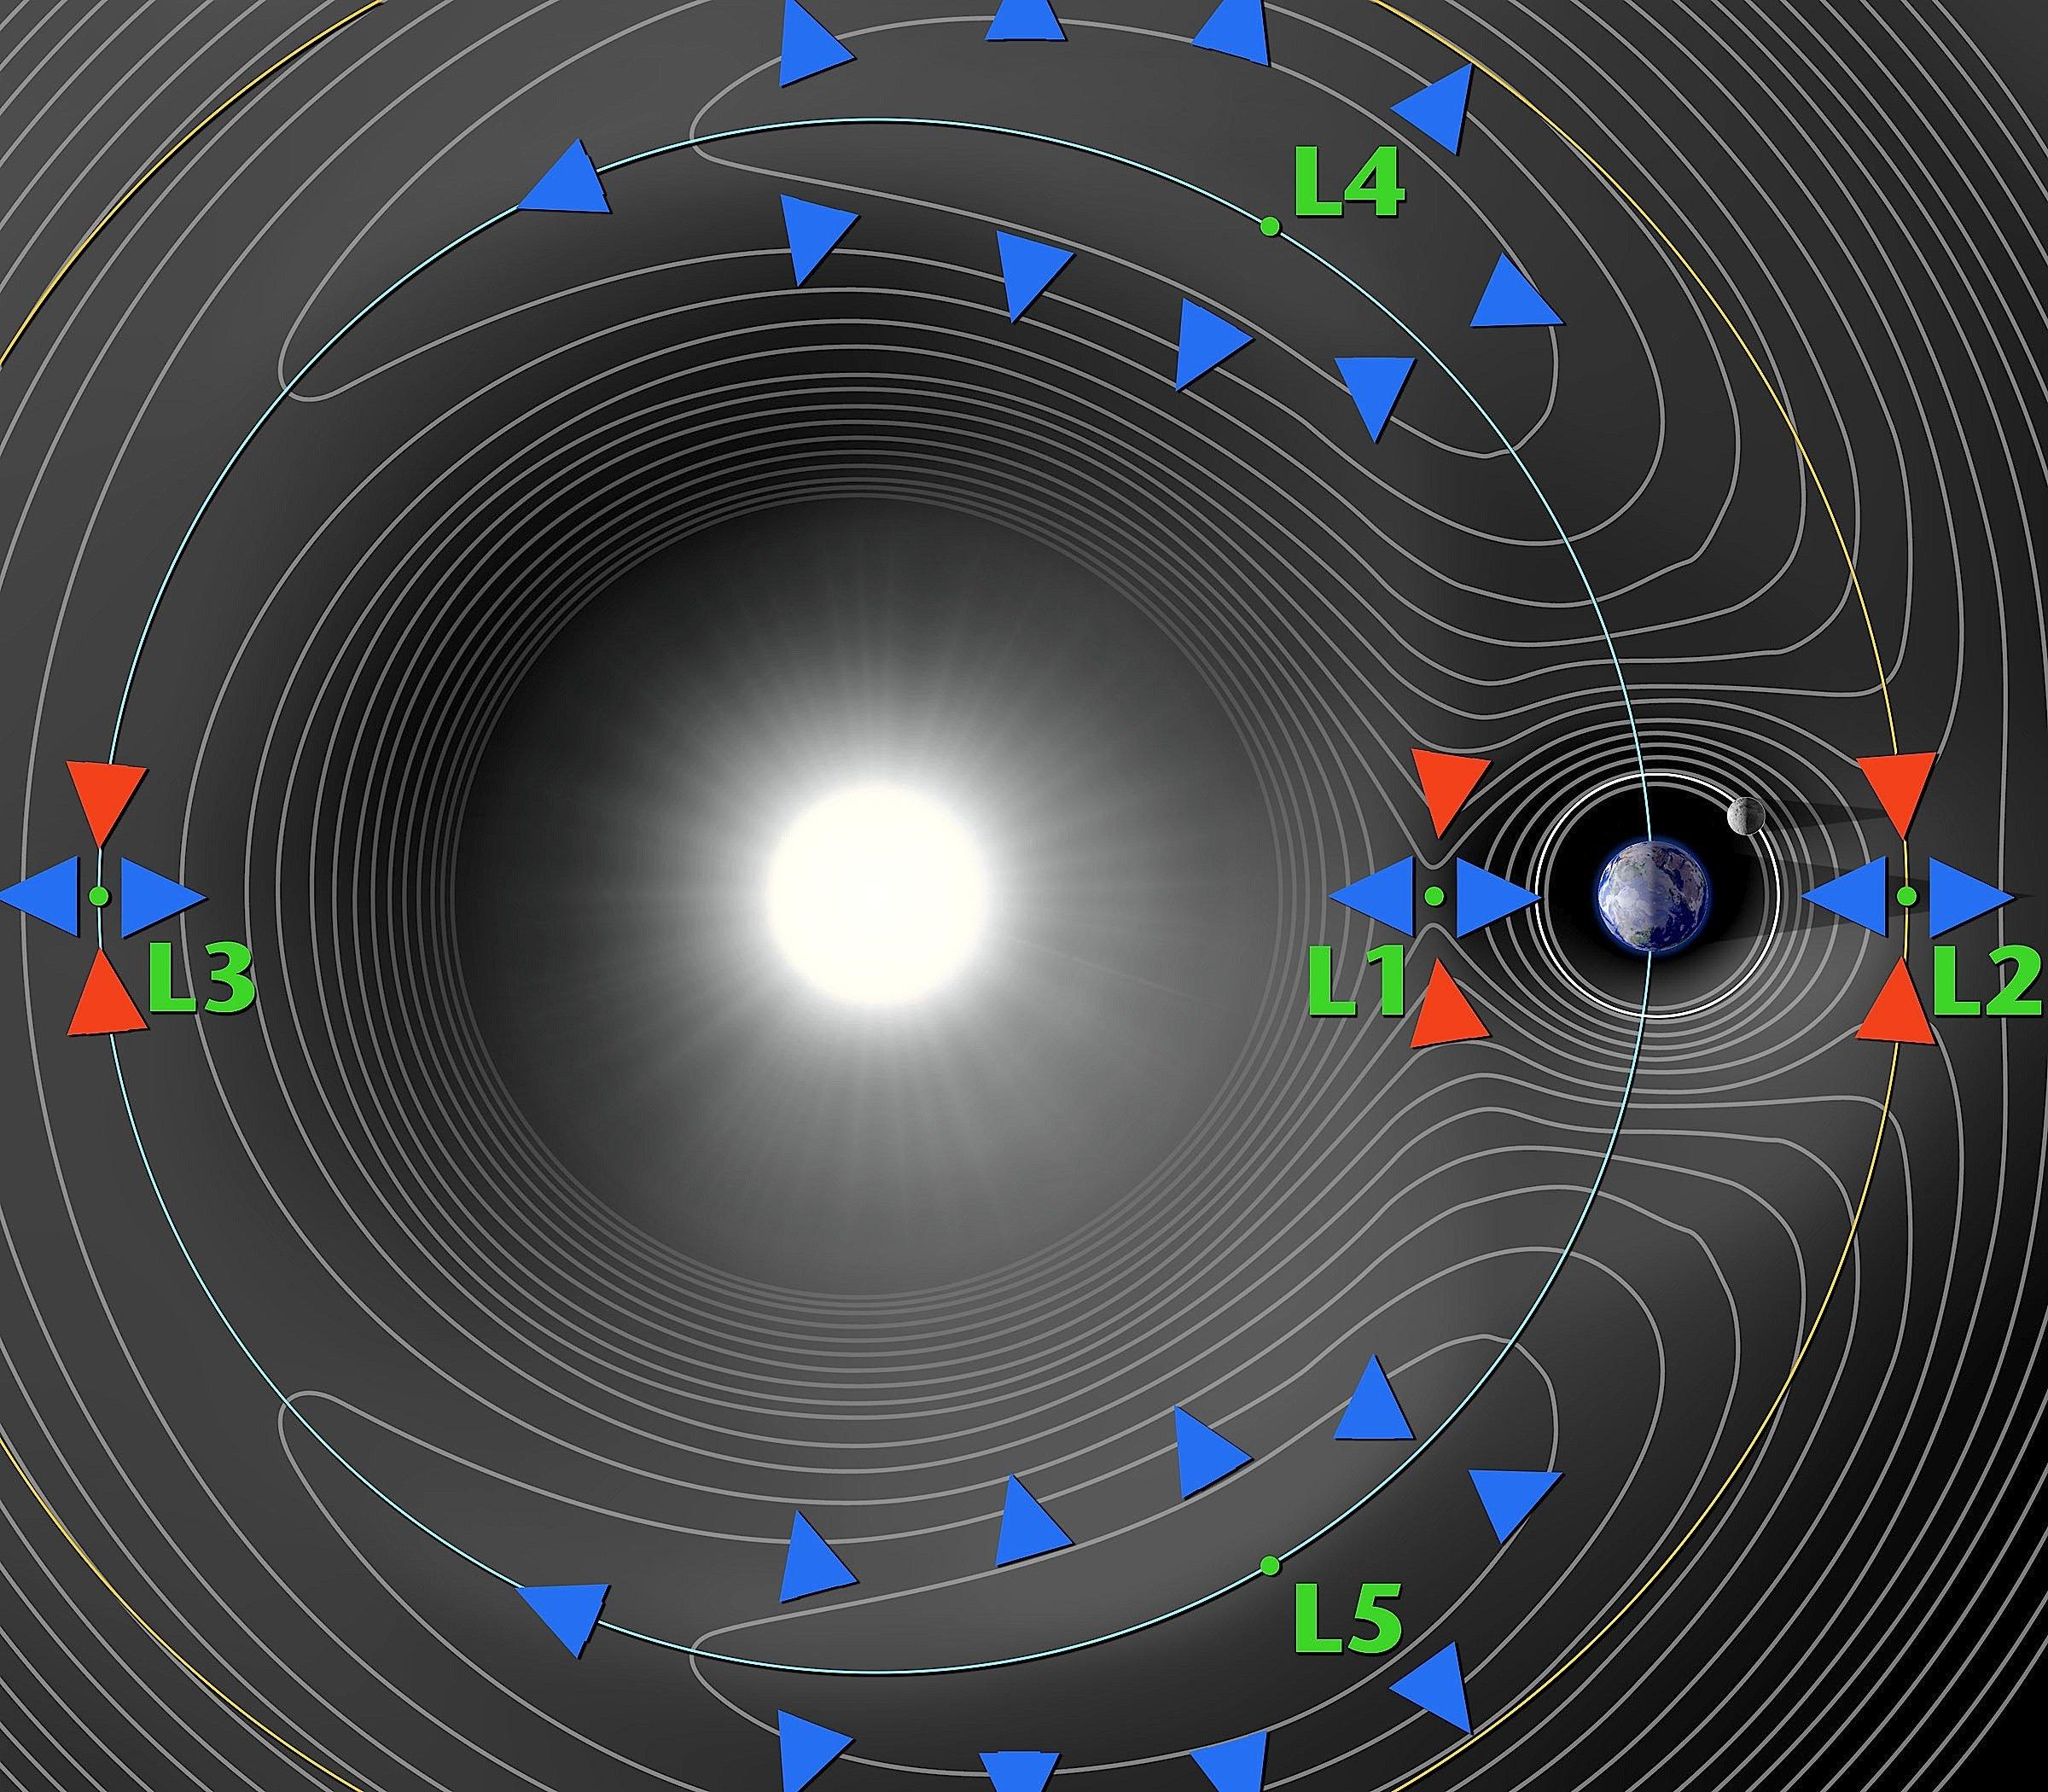 Die Lagrange Punkte L1 bis L5 im Sonne-Erde-System: An den fünf Punkten sind die Gravitation von Sonne und Erde im Gleichgewicht. Diese Punkte gibt es auch zwischen Erde und Mond. Auf einem dieser Punkte könnte eine Europäische Raumstation sicher positioniert werden.